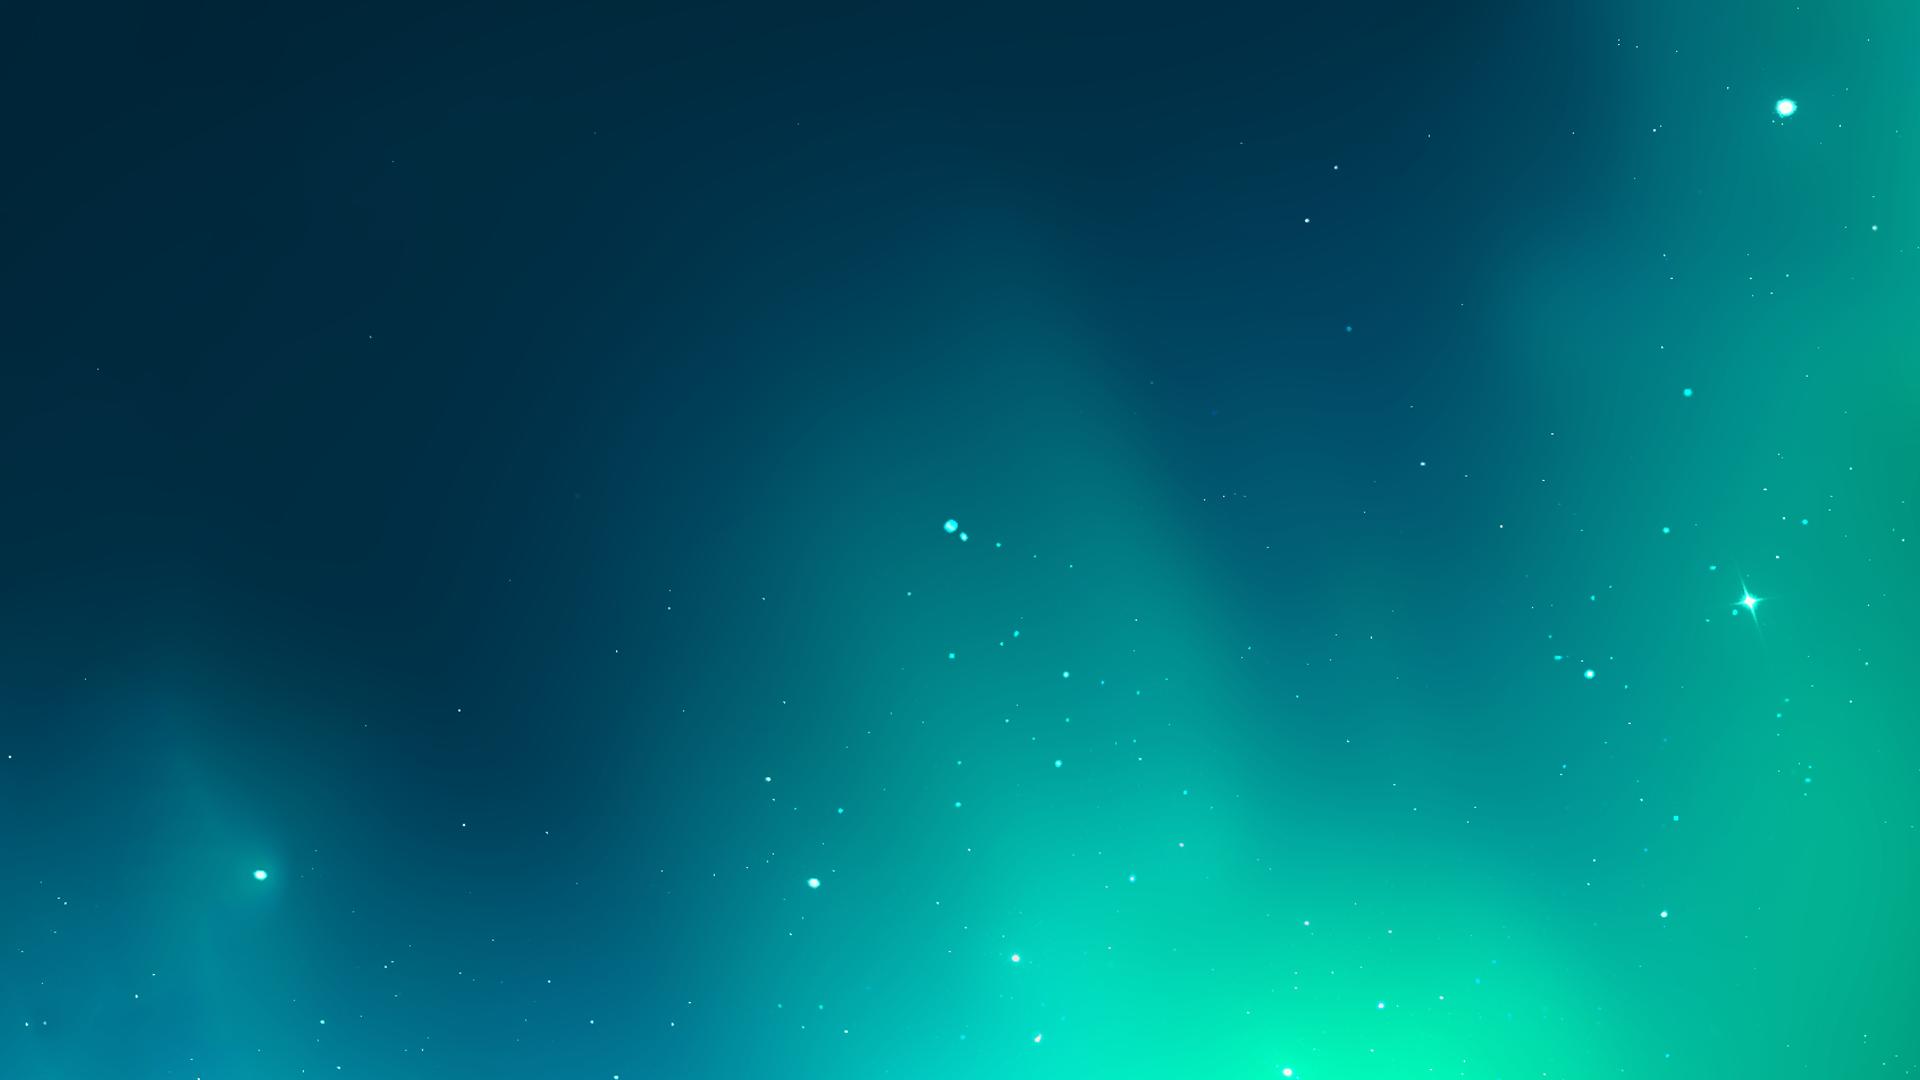 Greenbula - Wallpaper by theNBT